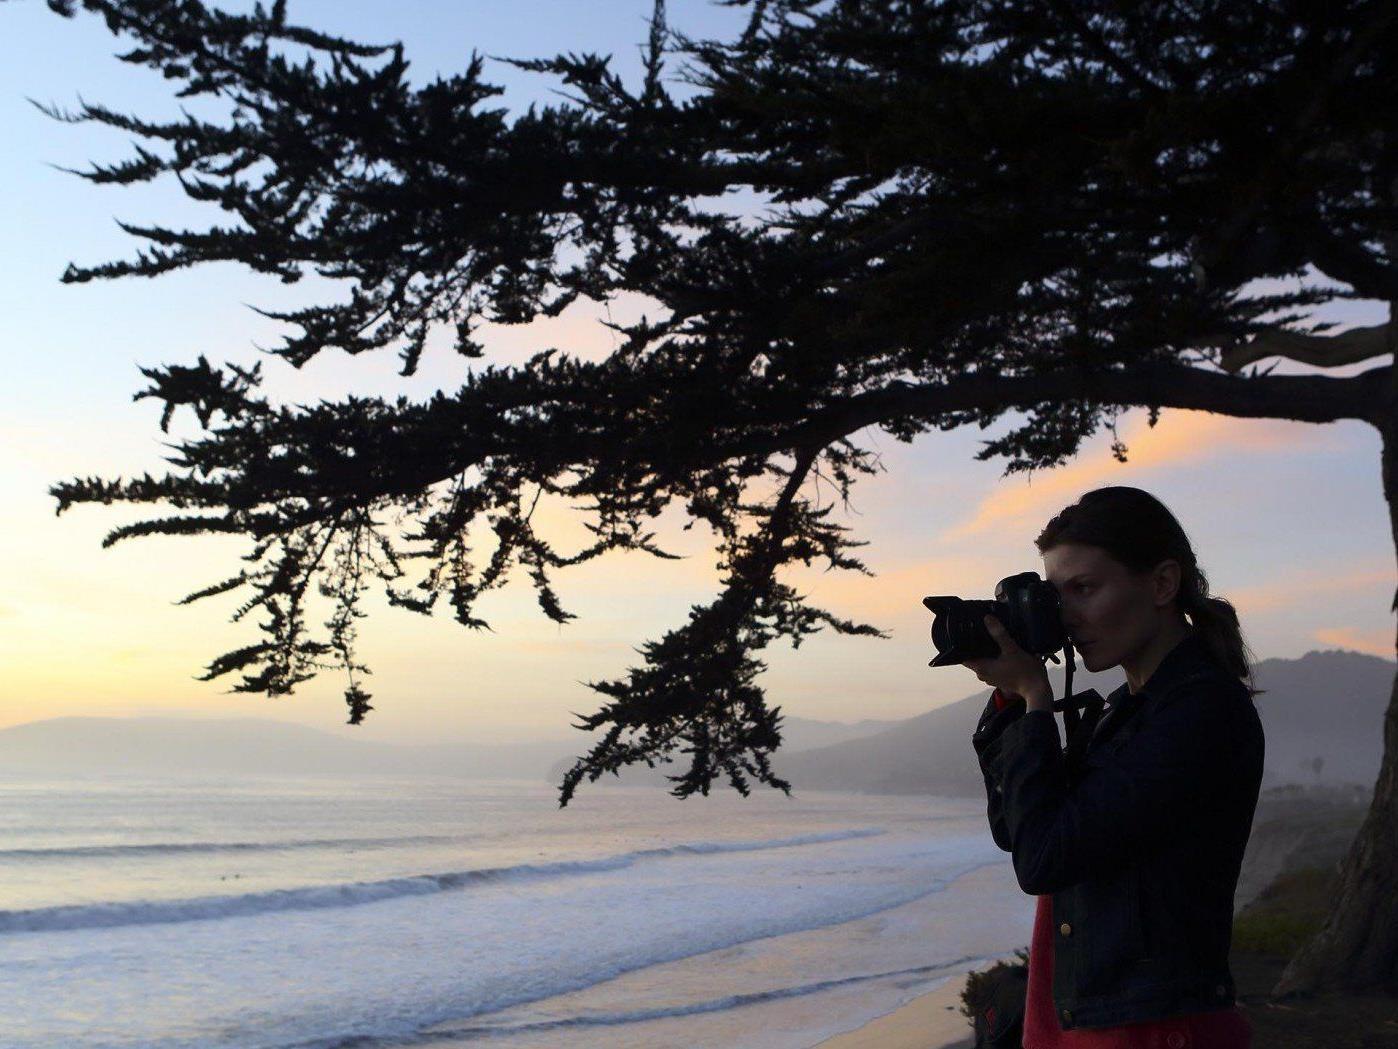 Alle Infos rund ums Fotografieren mit Canon EOS Systemen .